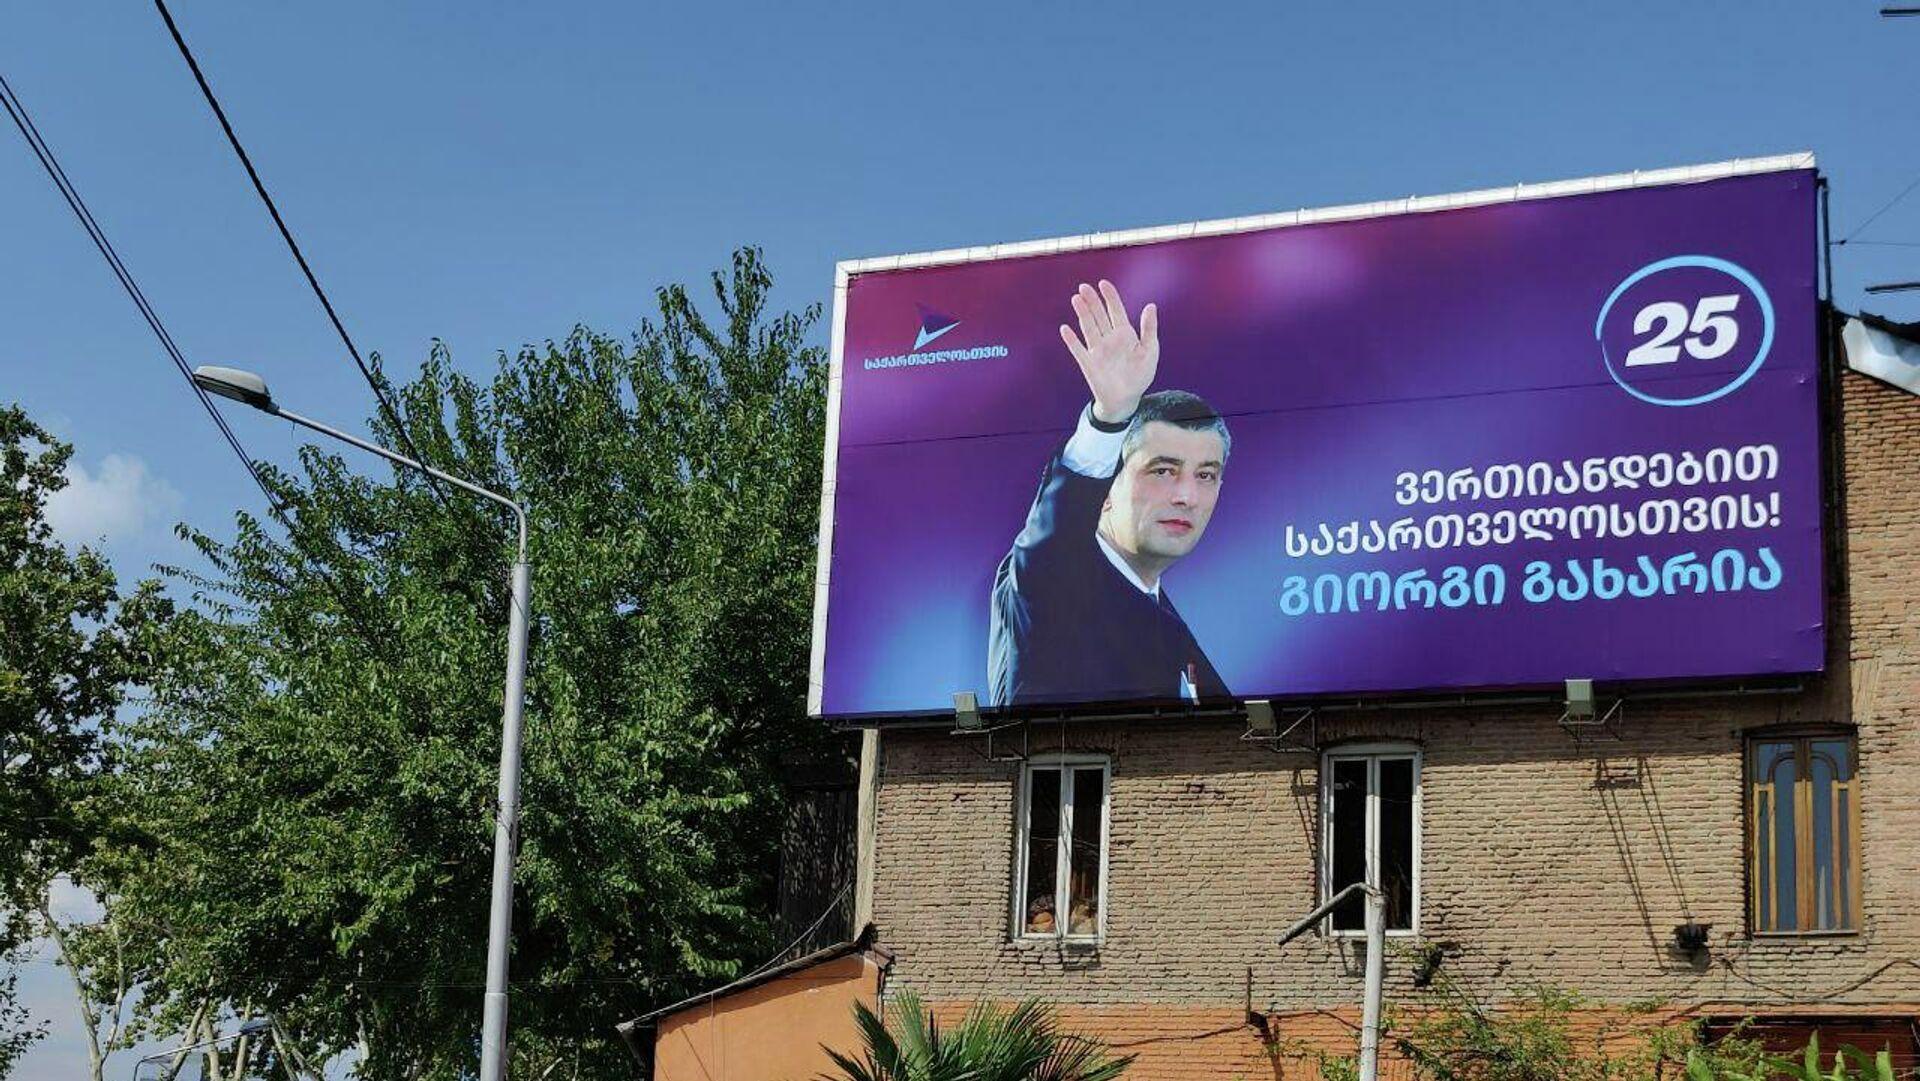 Предвыборная агитация - баннер партии За Грузию Георгия Гахария с его портретом - Sputnik Грузия, 1920, 06.10.2021